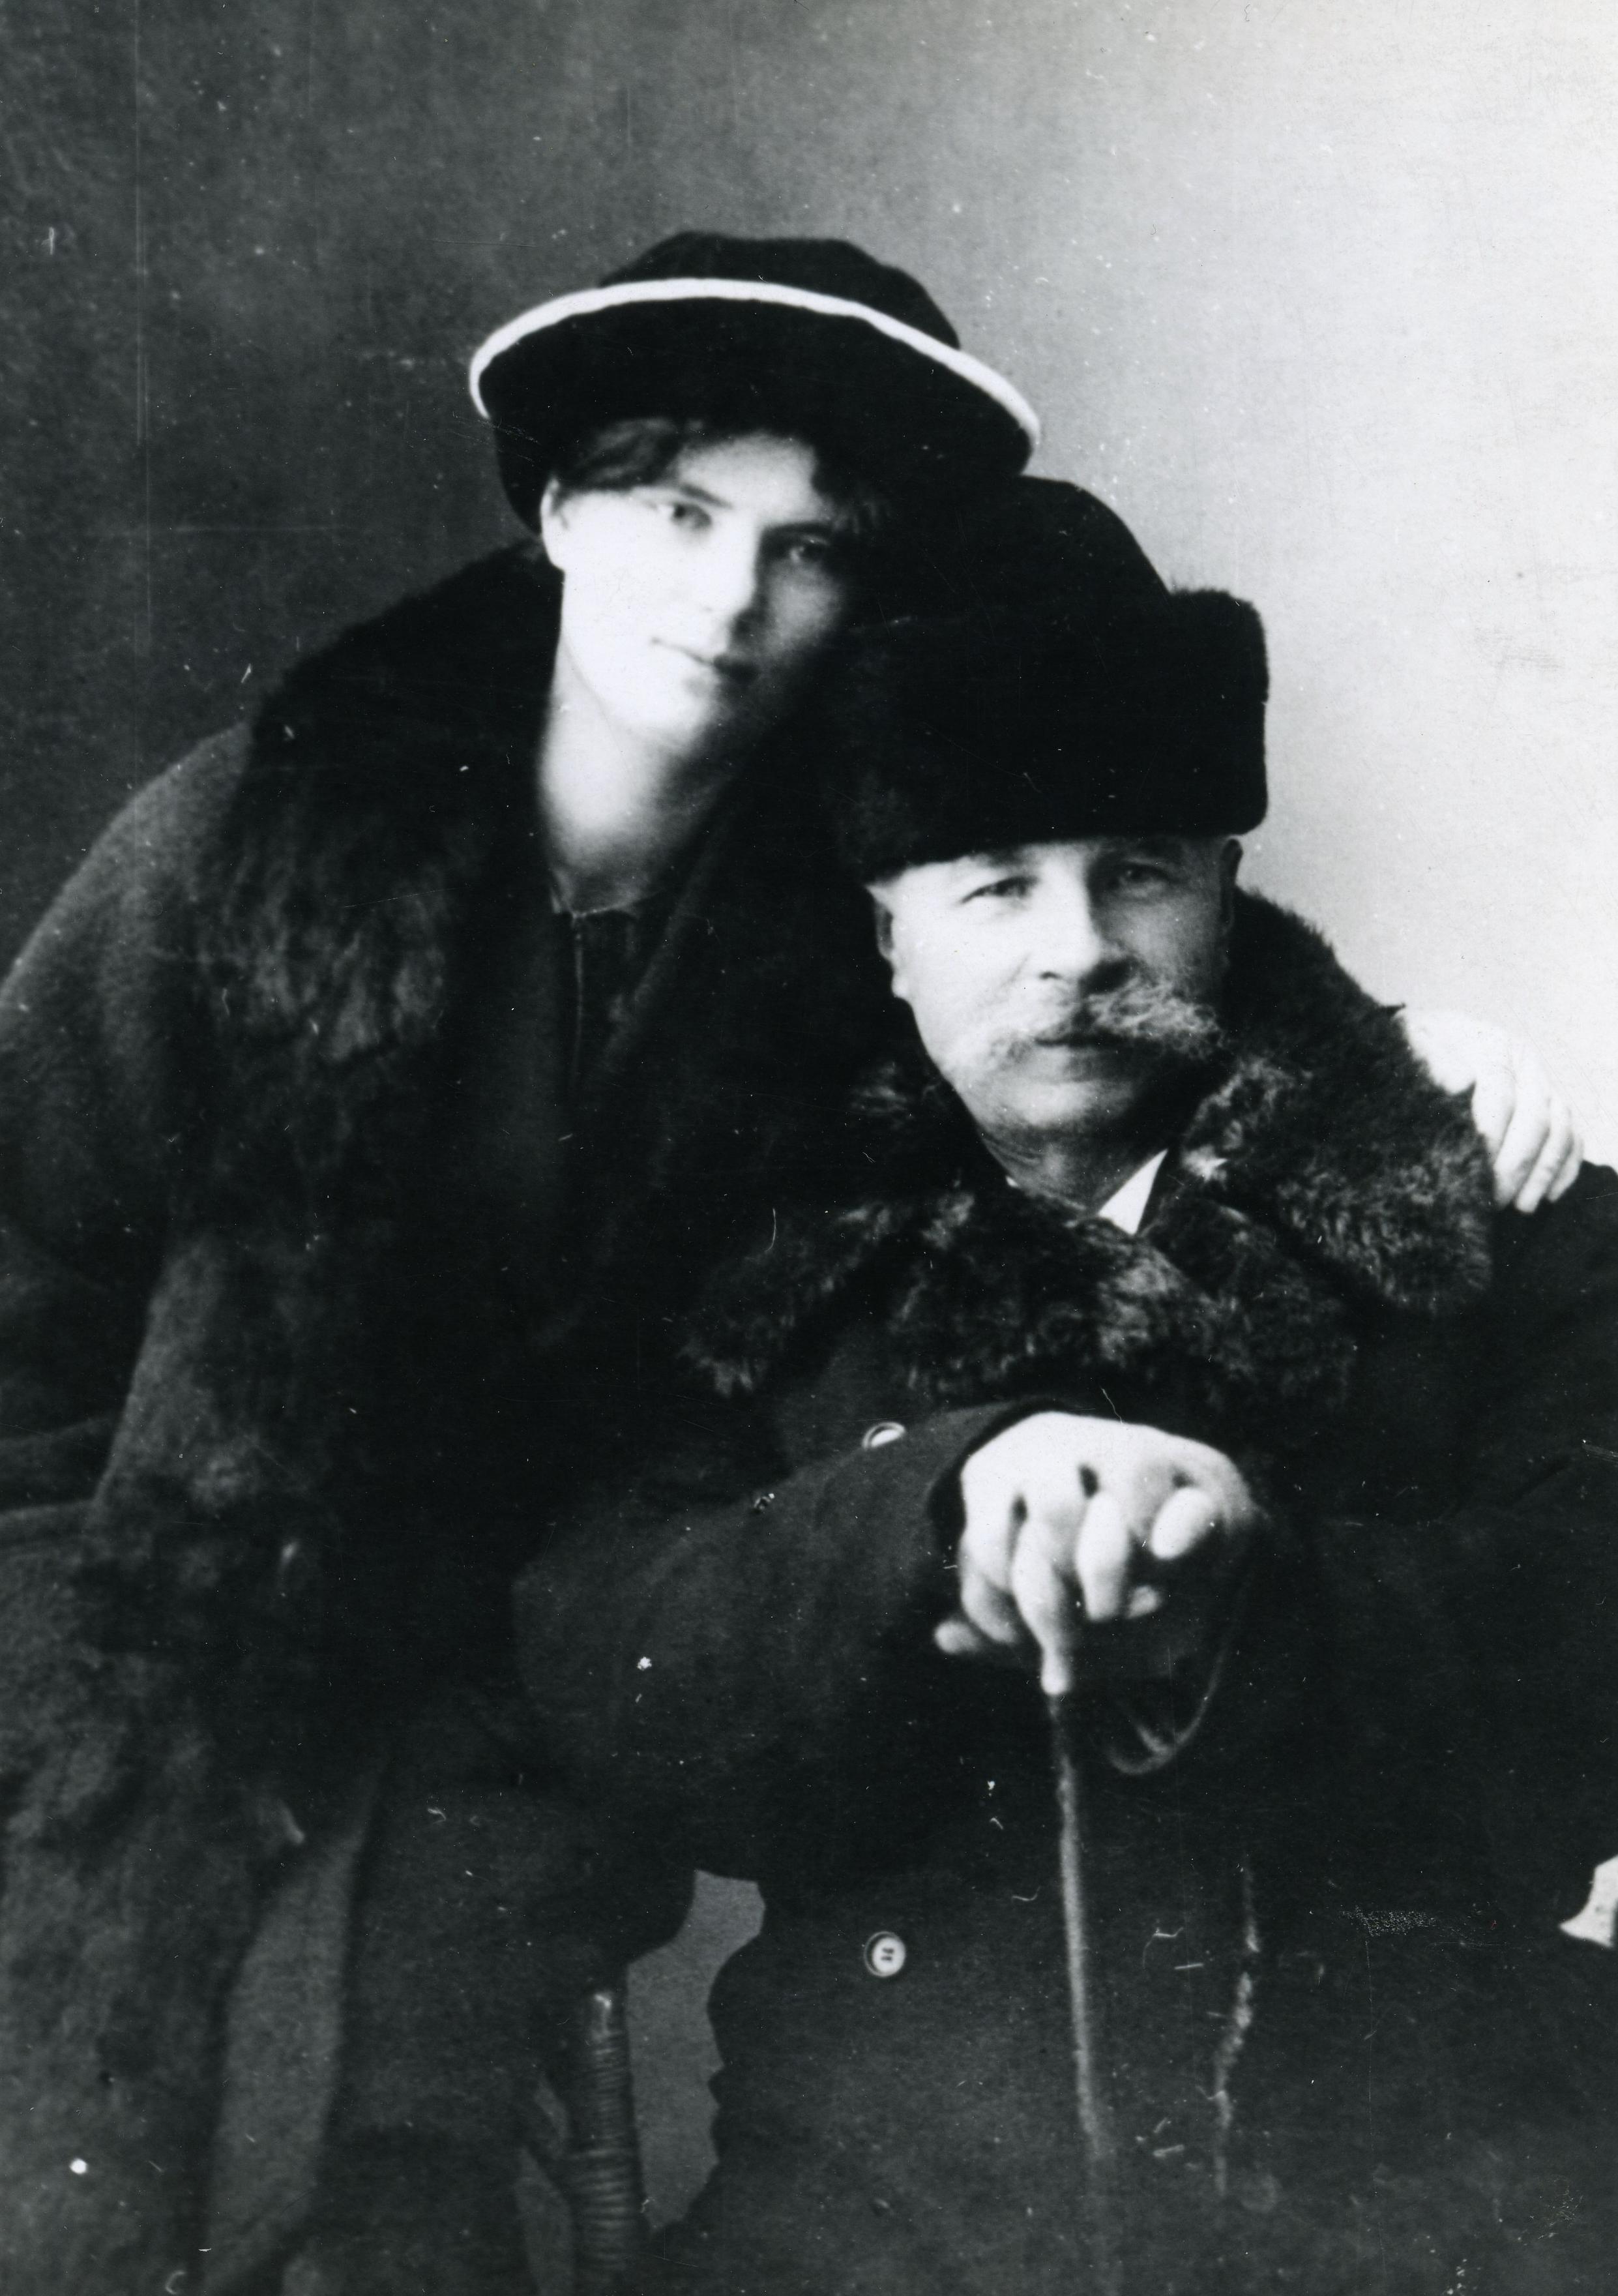 Martin Vares koos «mõrsja» Ella Zingeliga Tartus 1915. aastal. EKLA, B-37-4371